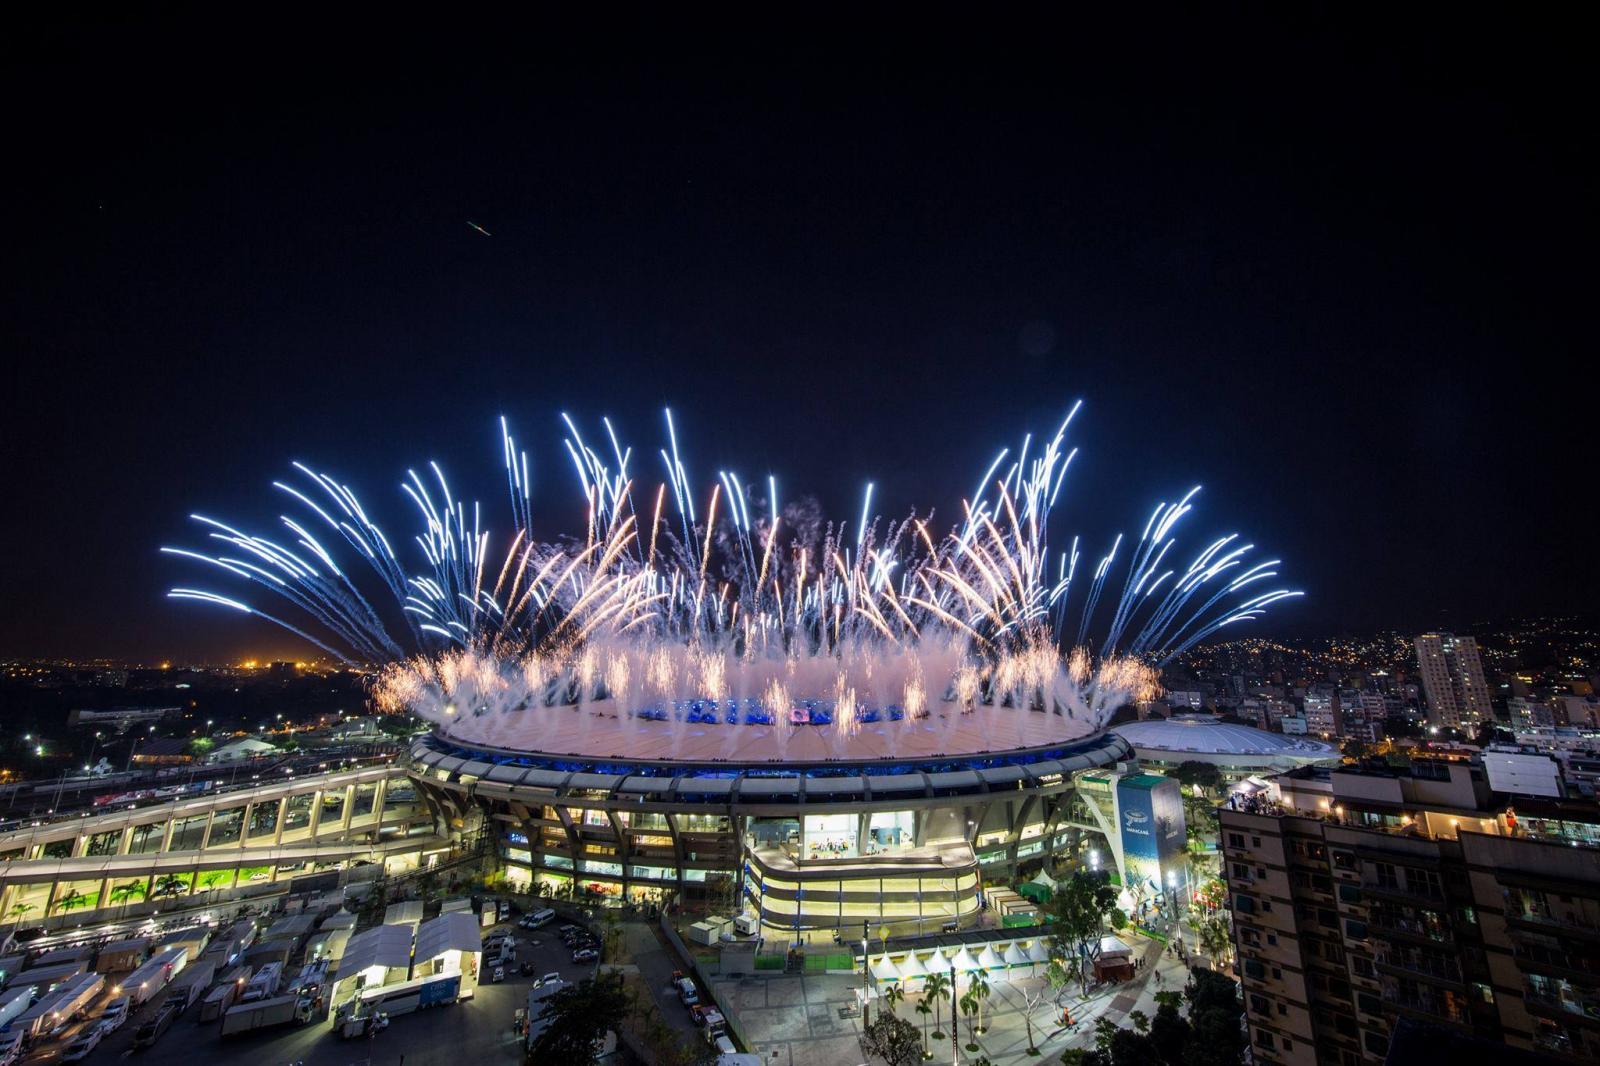 """สวยงามอลังการ """"พิธีเปิดโอลิมปิก 2016"""" หรือ """"ริโอ 2016"""" ณ เมืองริโอ เดอ จาเนโร ประเทศบราซิล"""